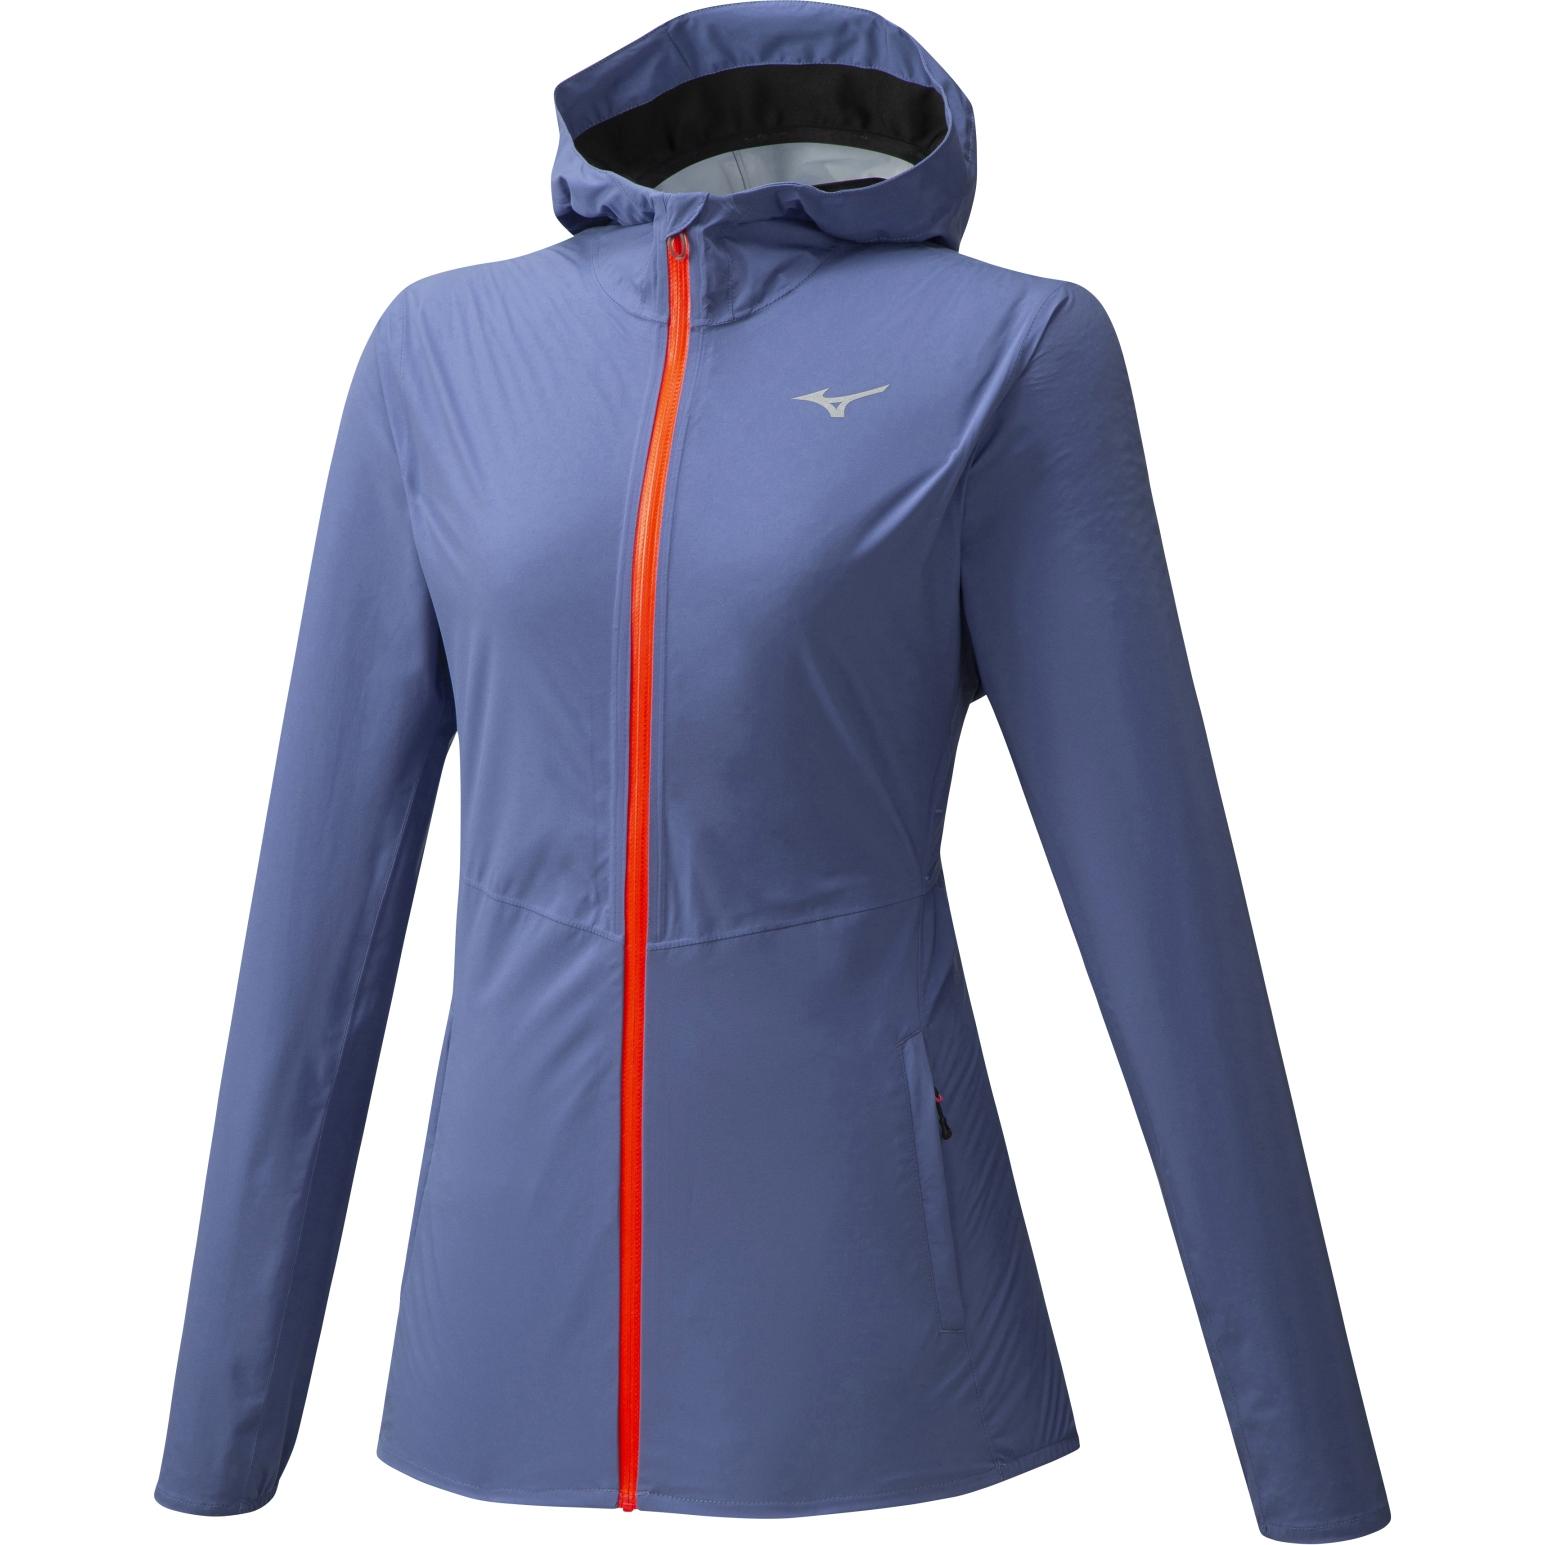 Image of Mizuno Waterproof 20k ER Women's Jacket - Marlin